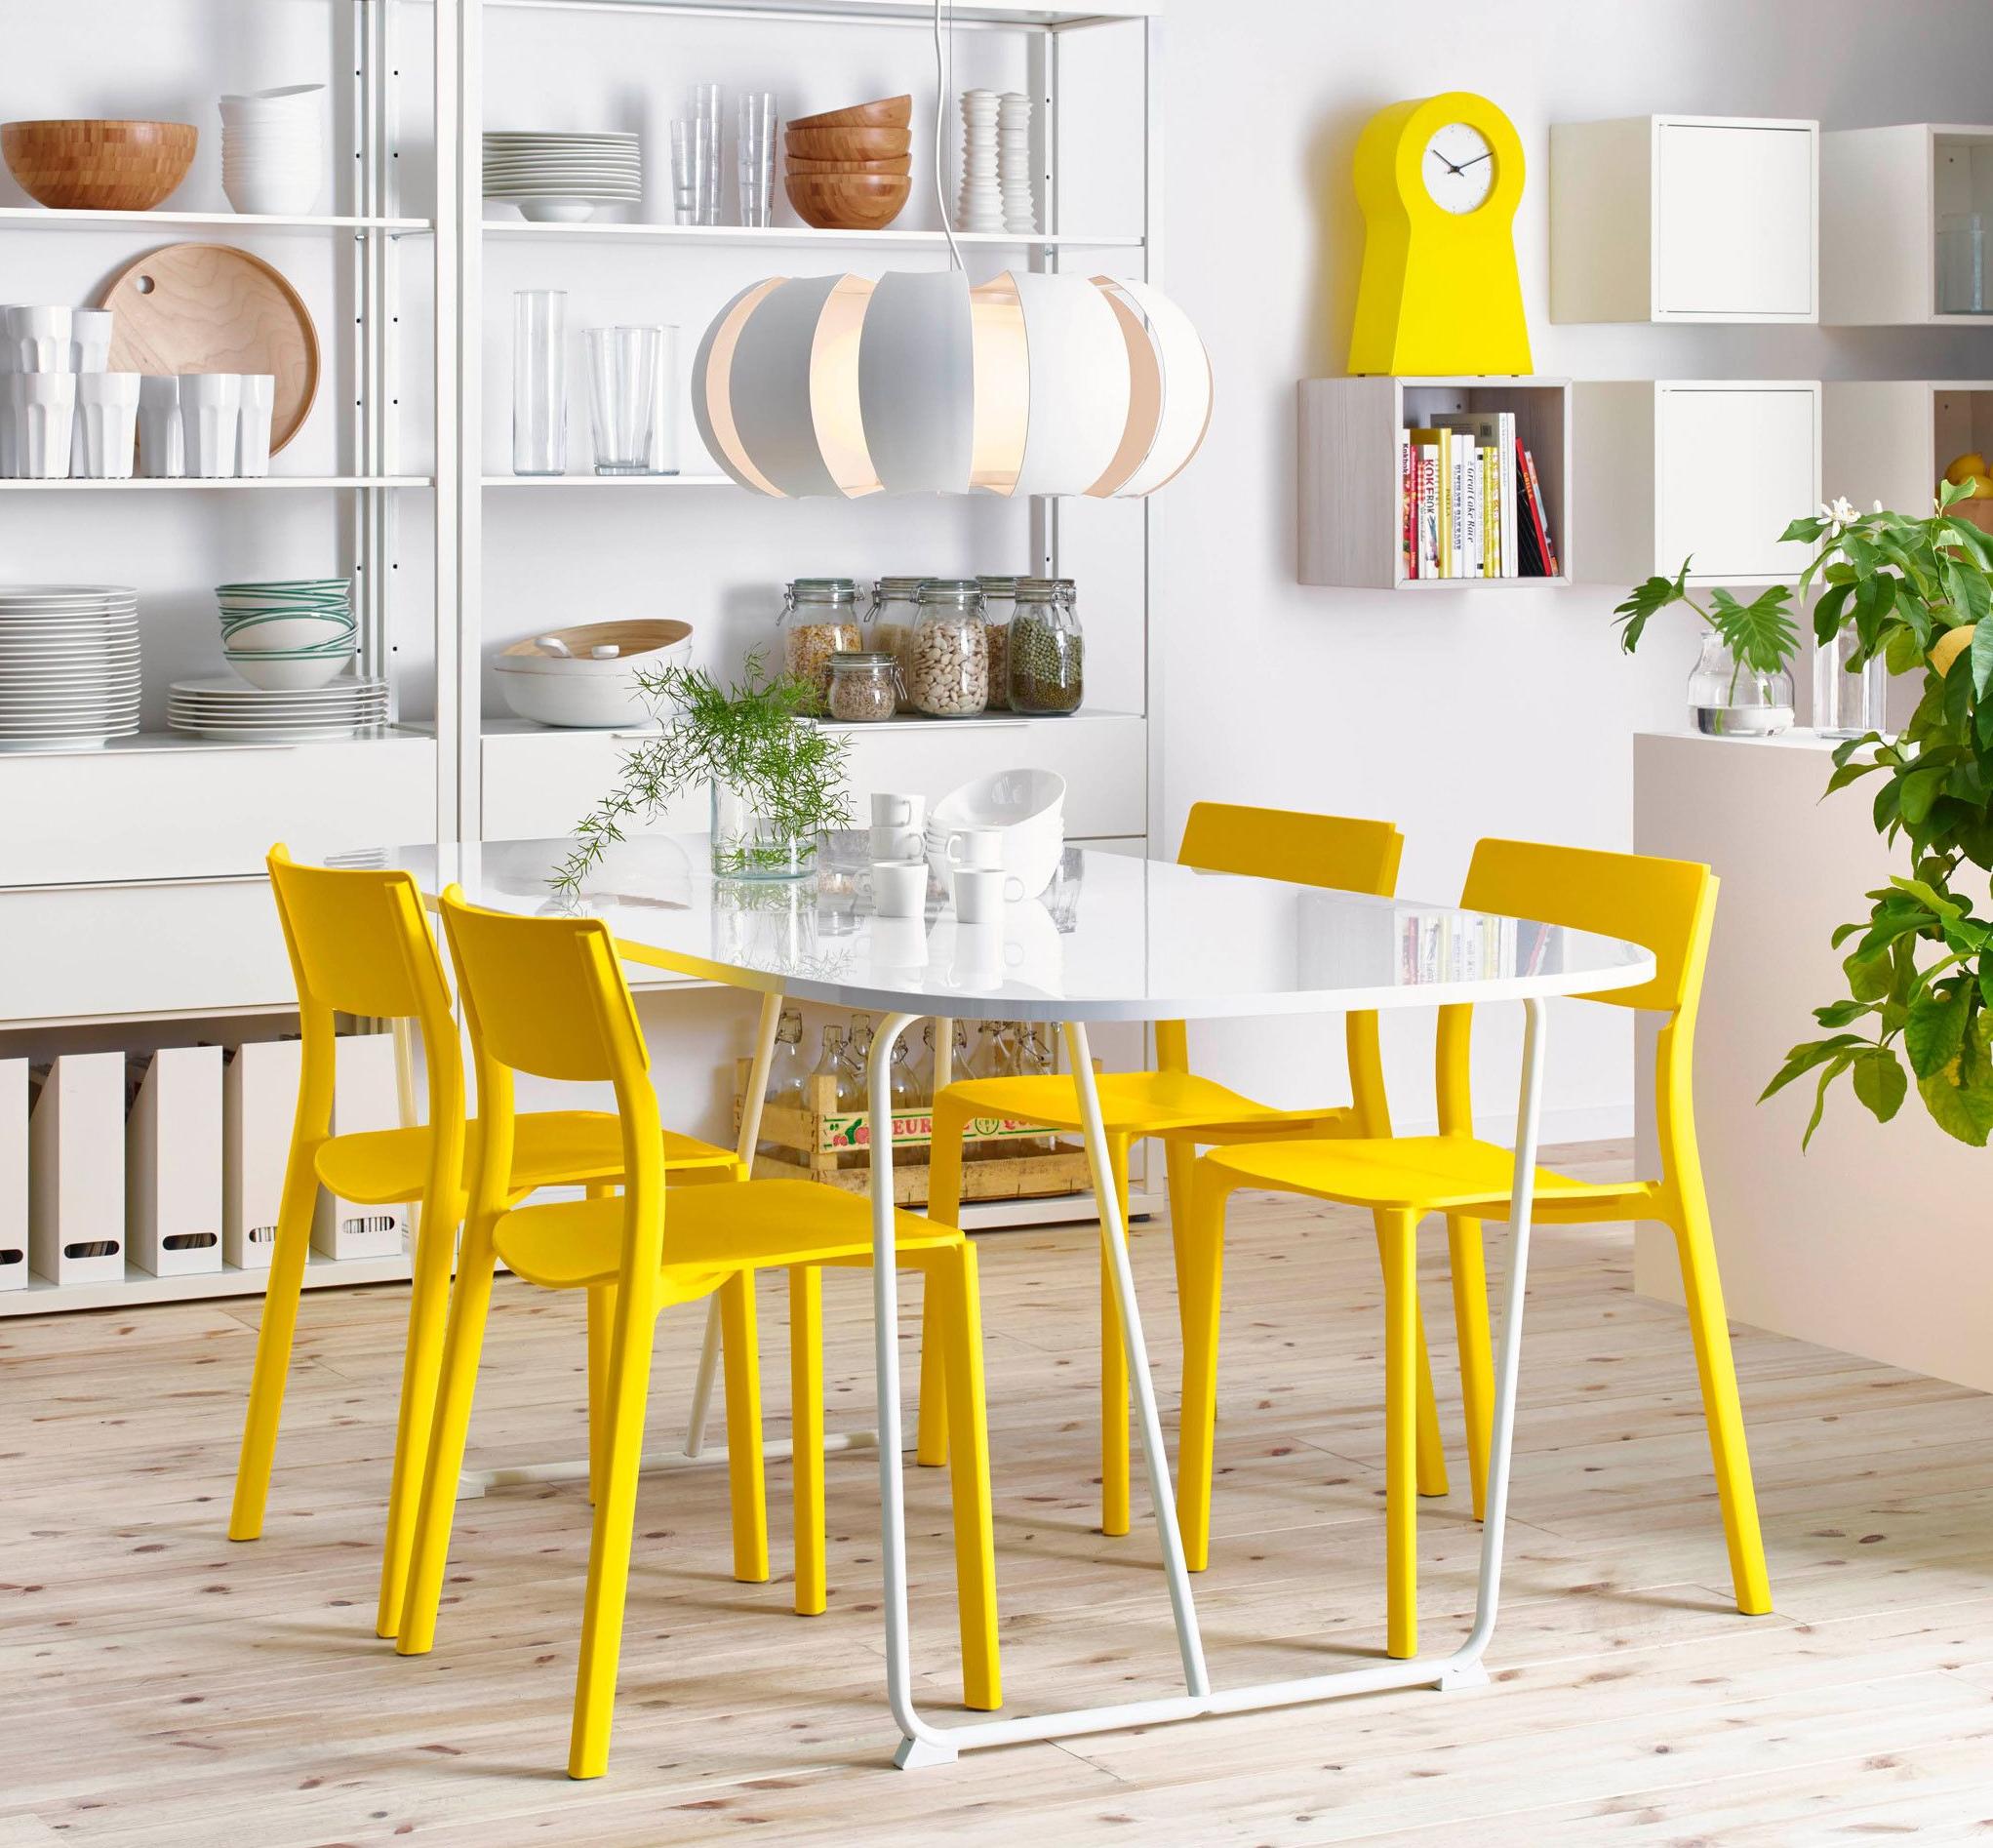 Table rectangulaire IKEA en plastique blanc avec bords arrondis